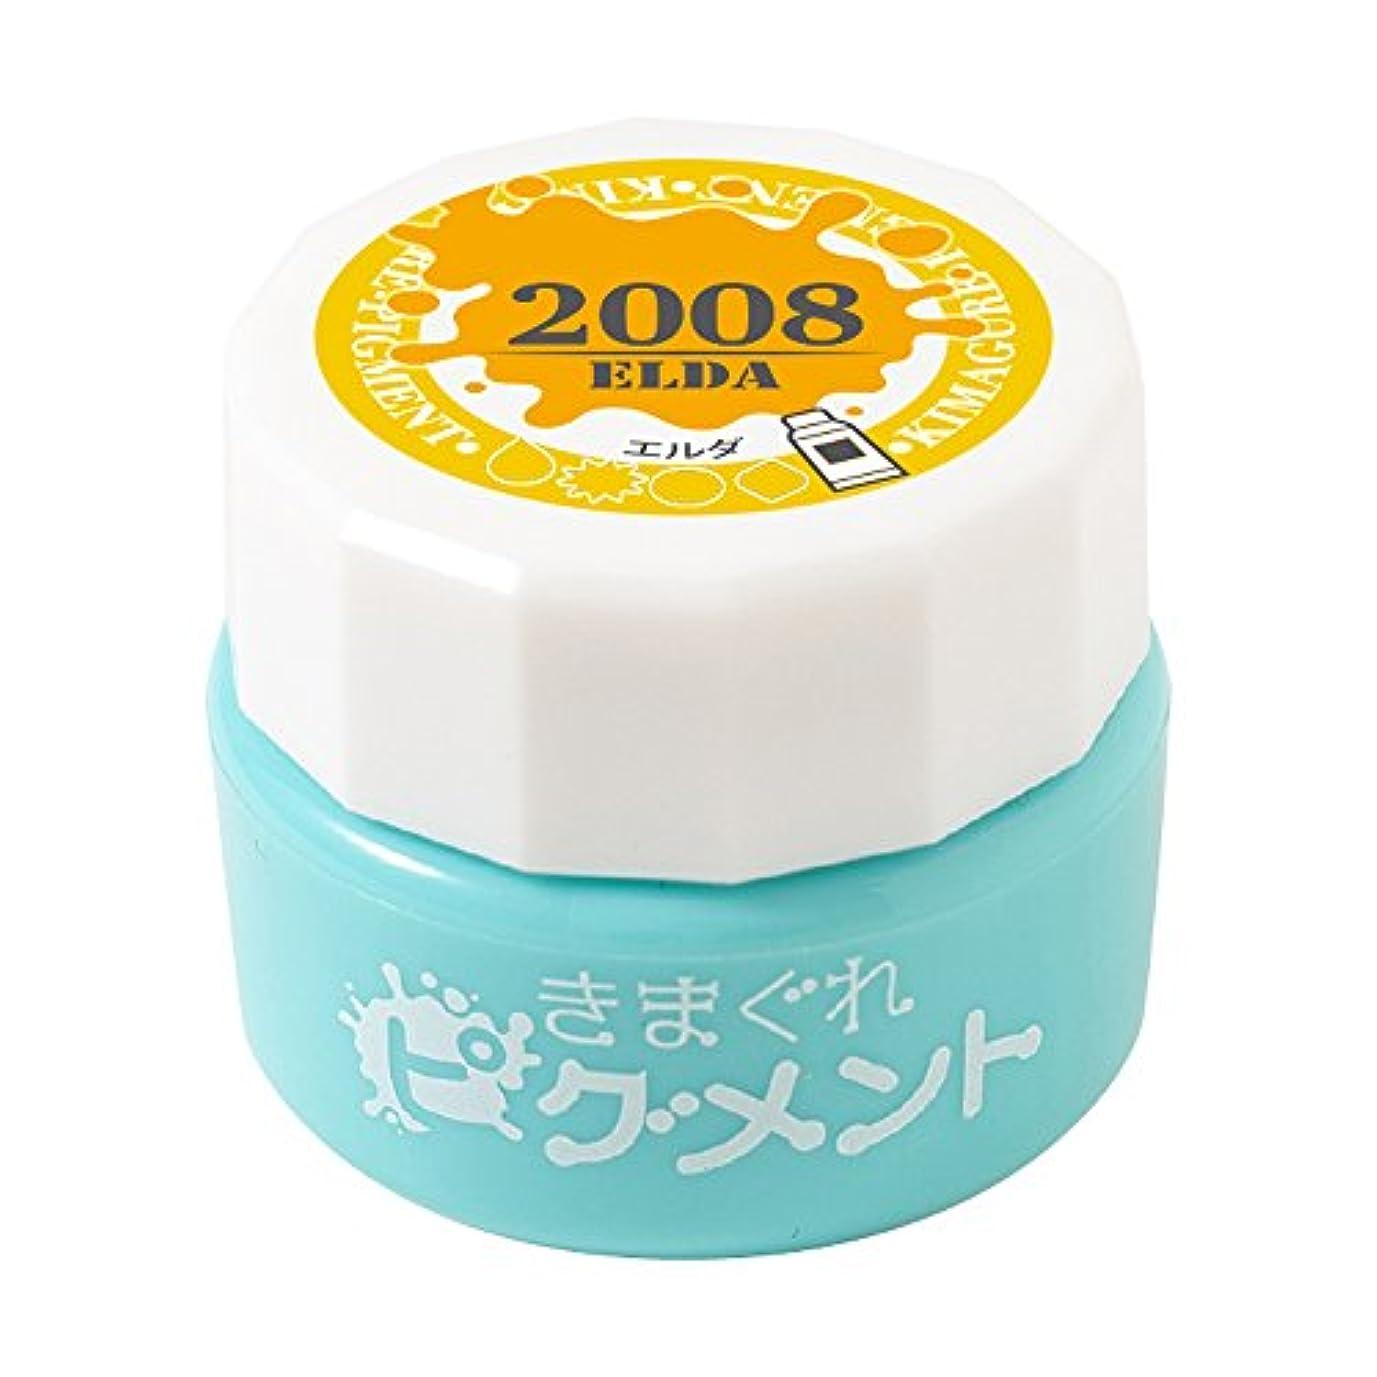 着実にストロー氷Bettygel きまぐれピグメント エルダ QYJ-2008 4g UV/LED対応